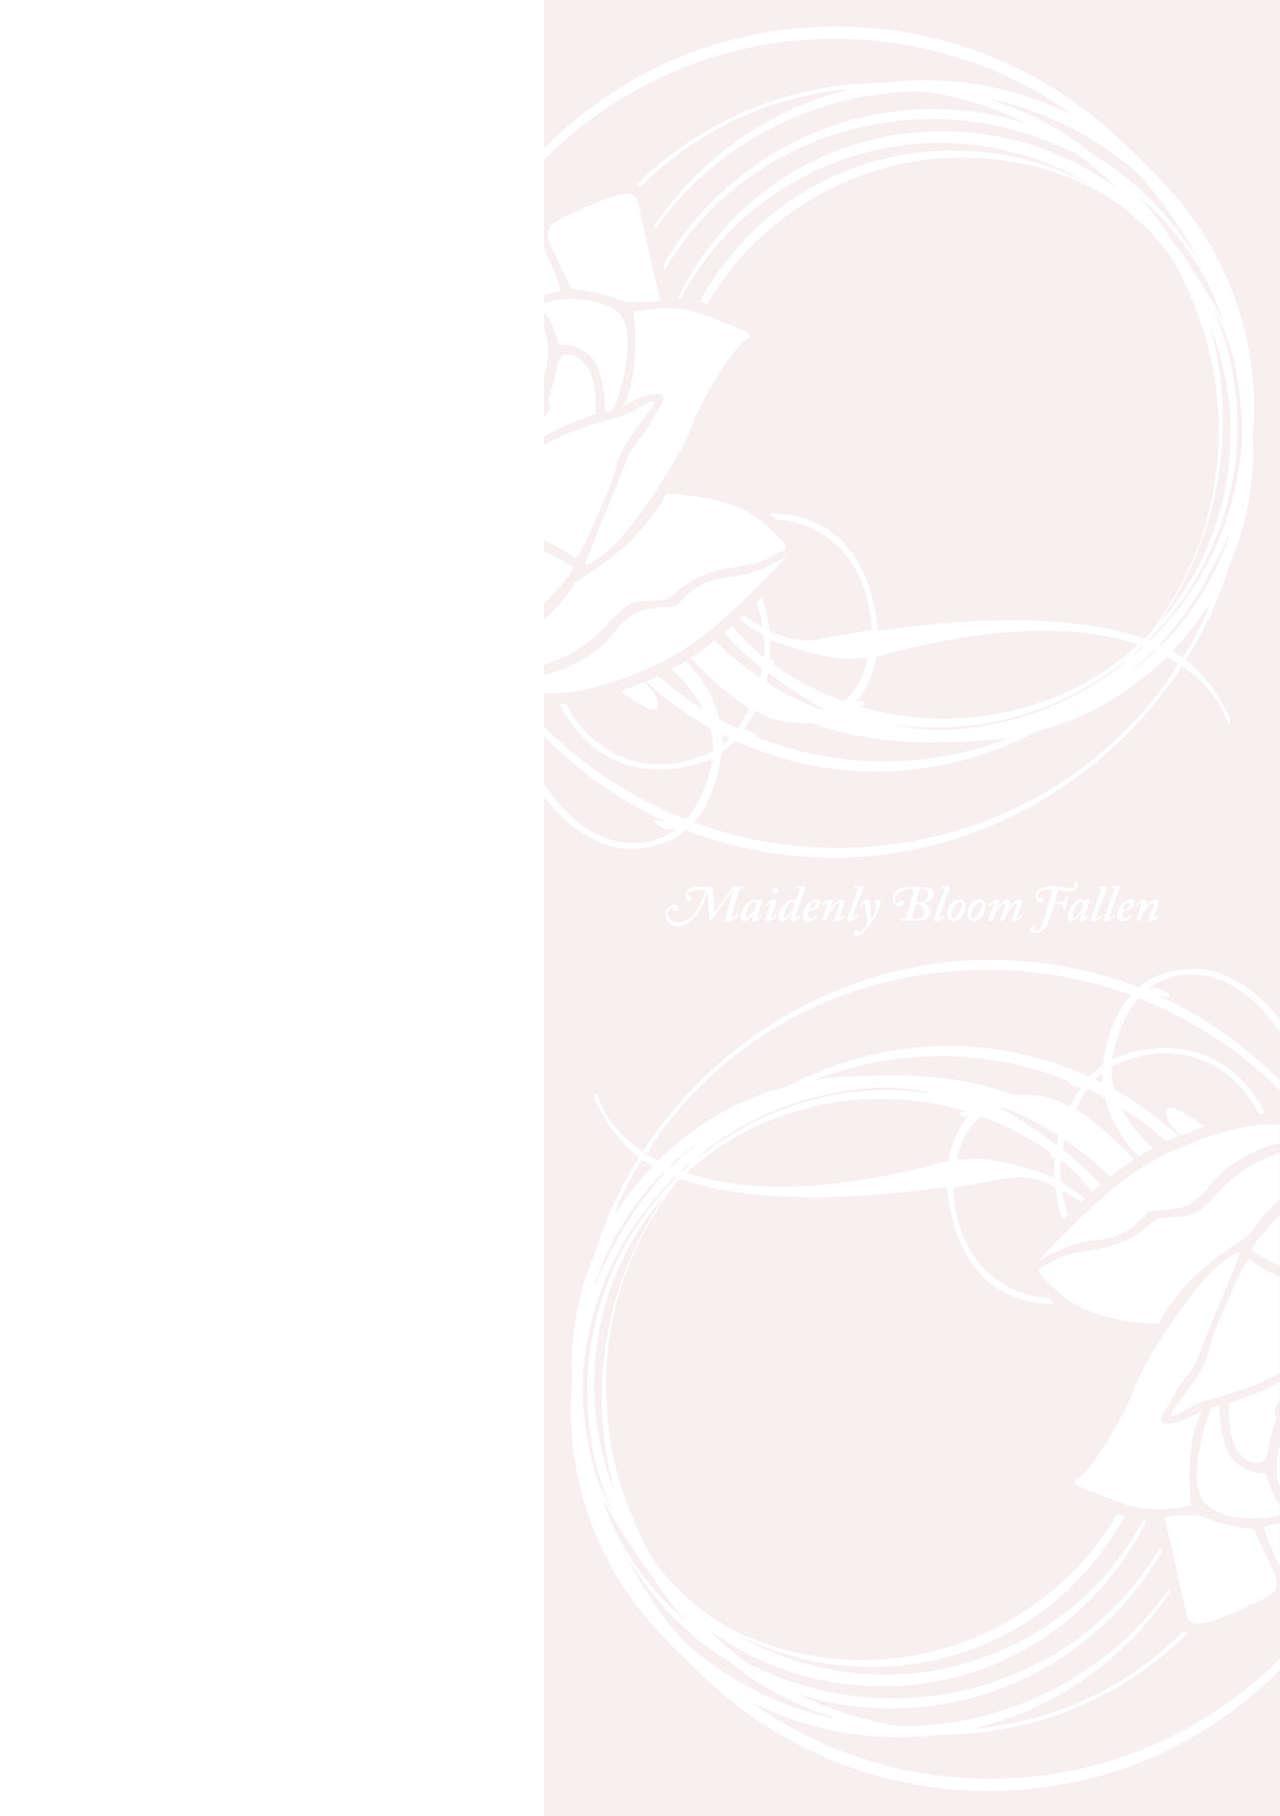 Mesu Hana ga Ochiru Toki - Maidenly Bloom Fallen 1